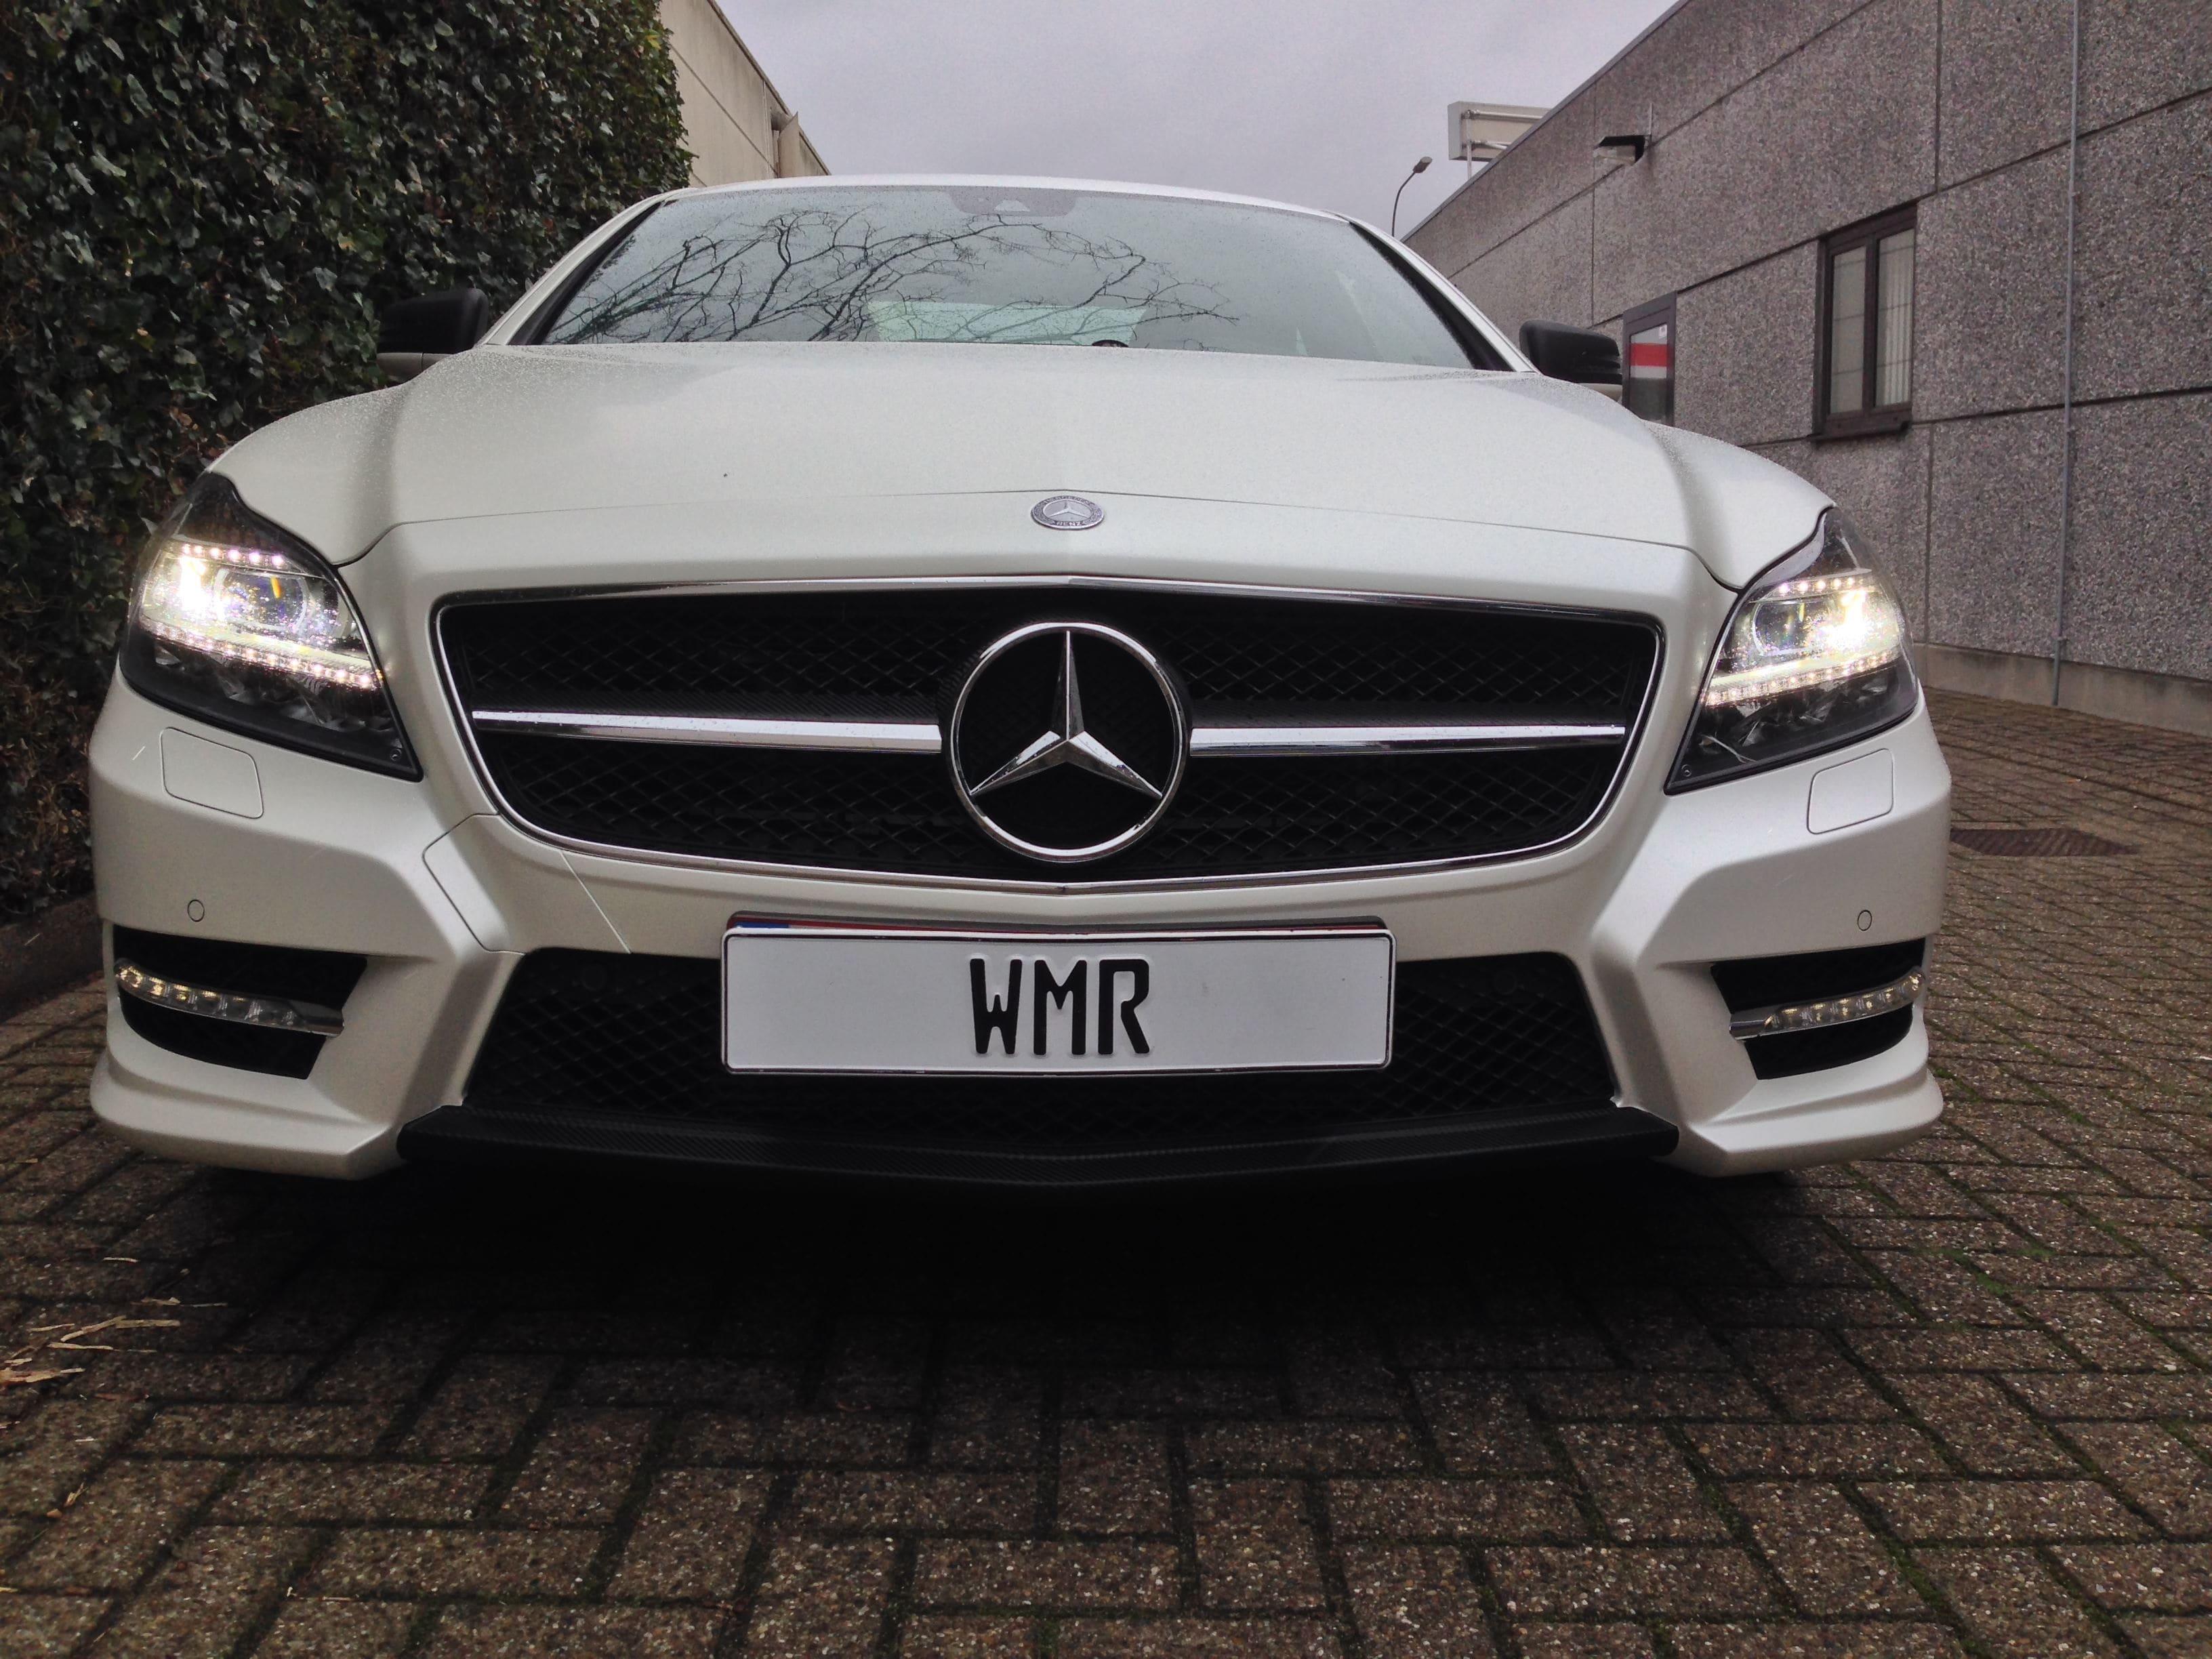 Mercedes CLS met White Satin Pearl Wrap, Carwrapping door Wrapmyride.nu Foto-nr:6206, ©2021